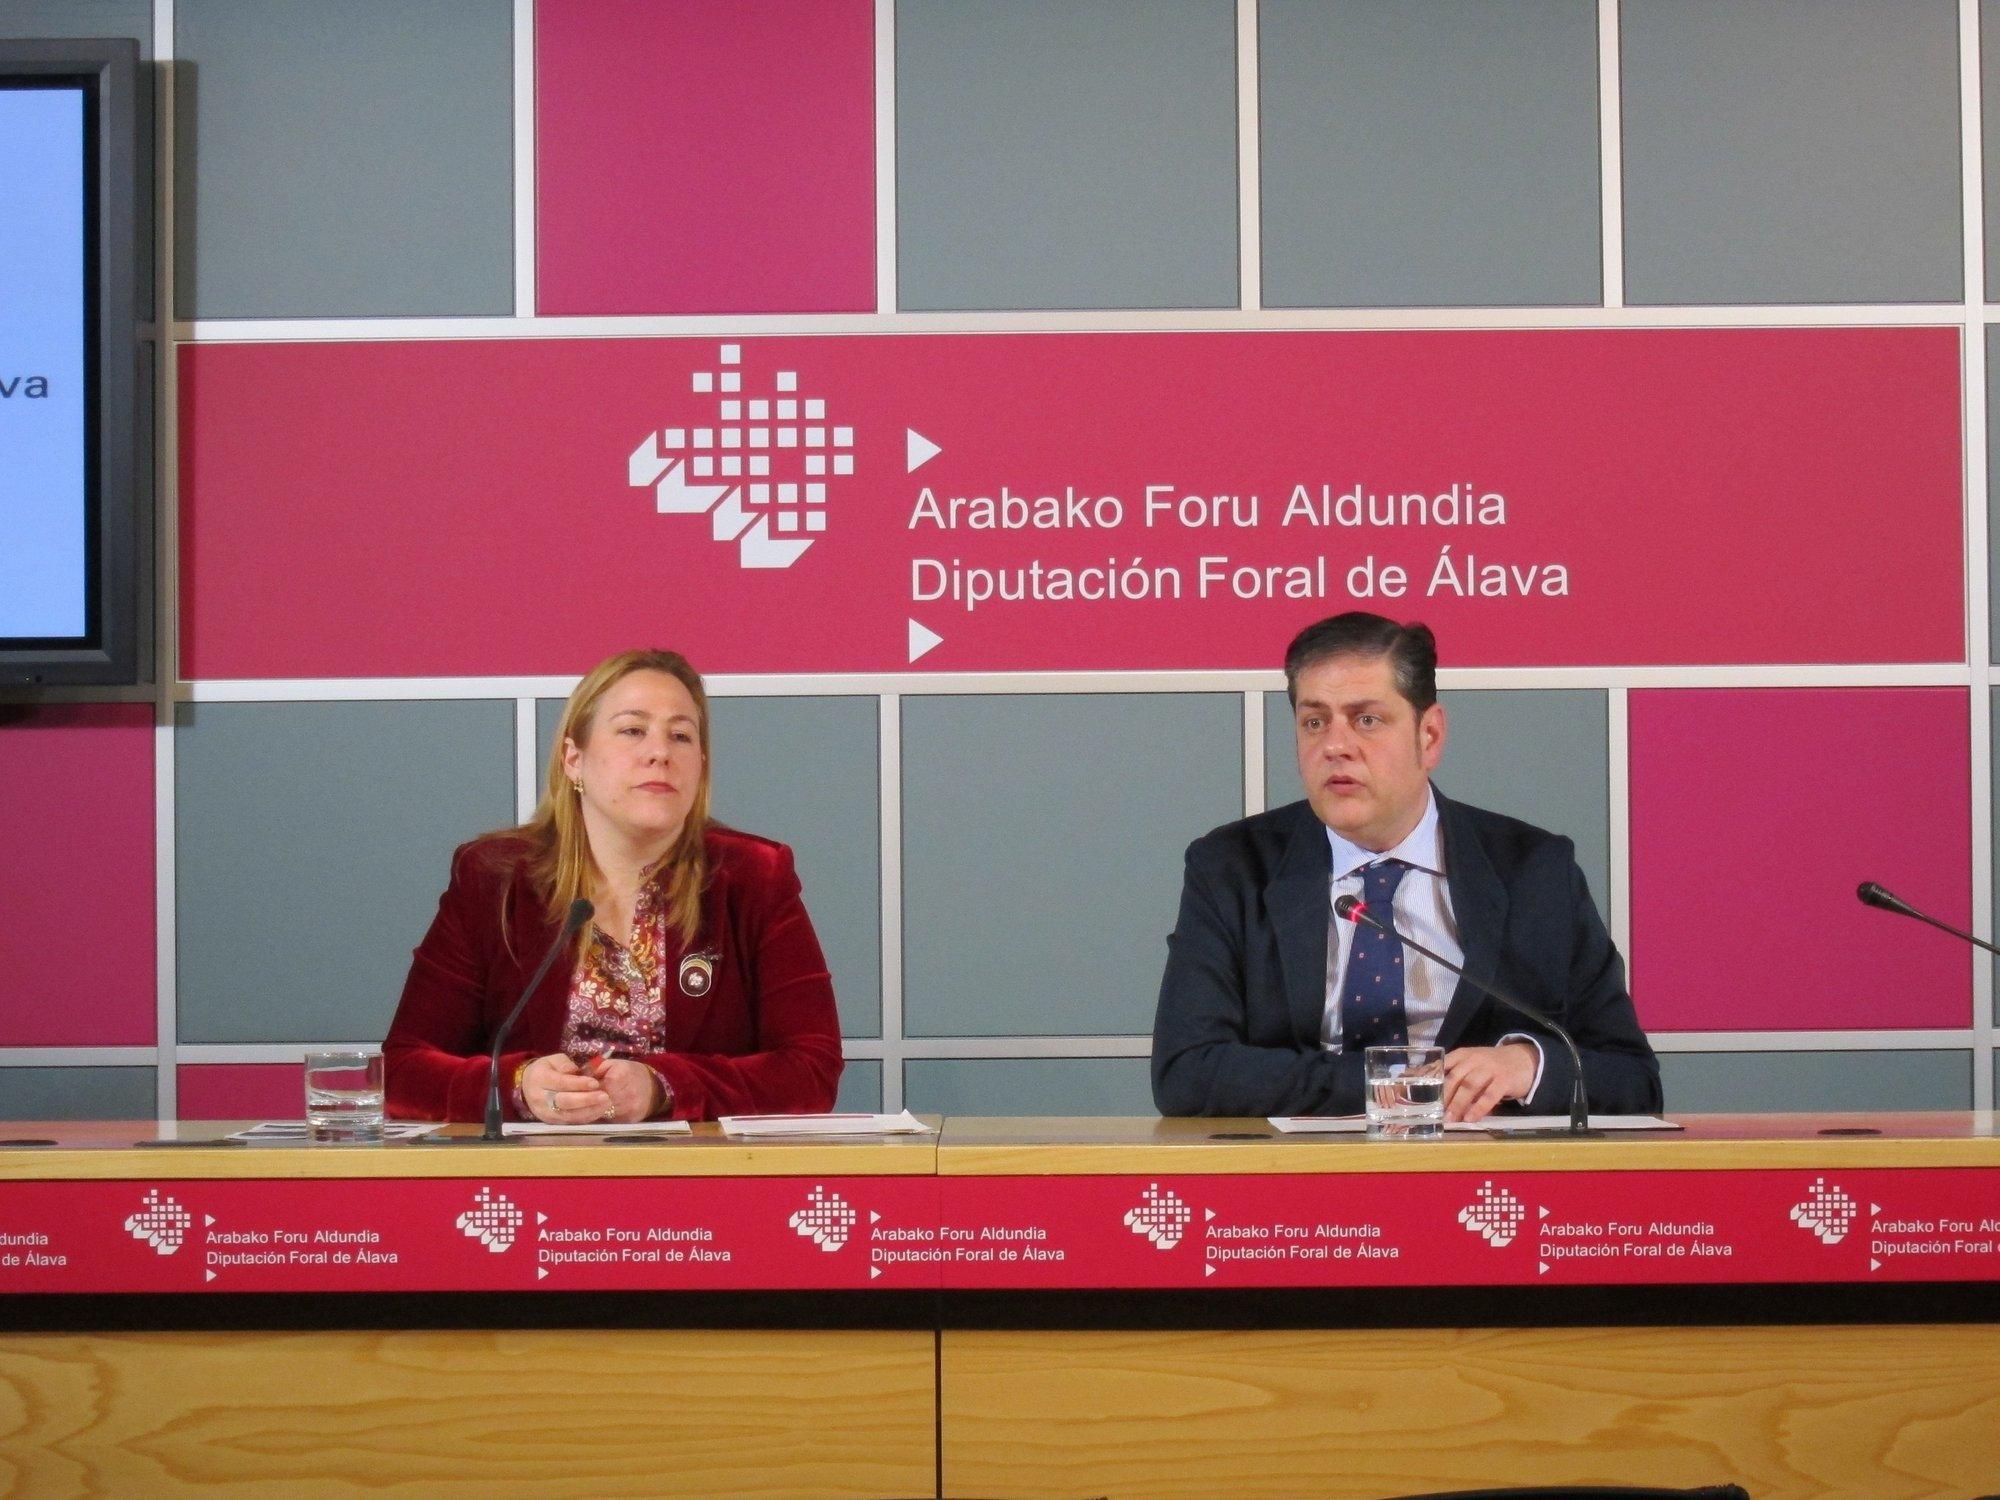 Diputación de Álava afirma que el PNV nunca ha planteado el cierre de Garoña en BBK o Kutxabank